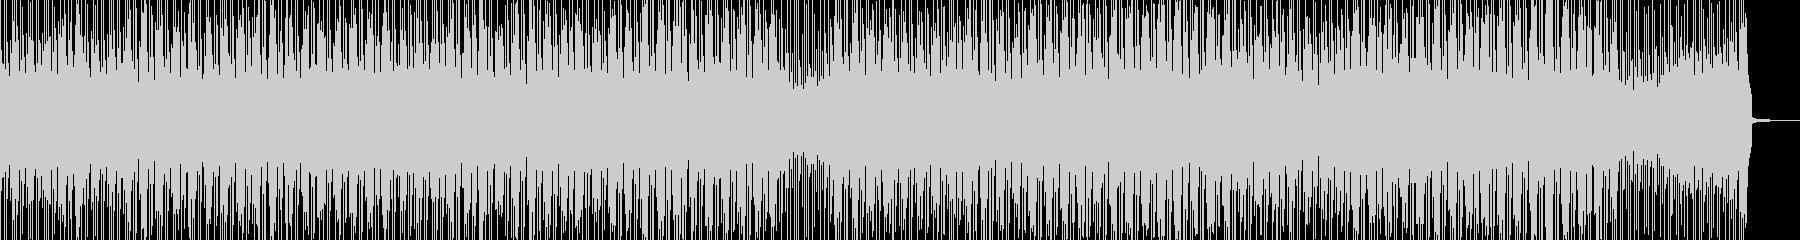 ピクニック・お出かけシーンを彩るポップBの未再生の波形